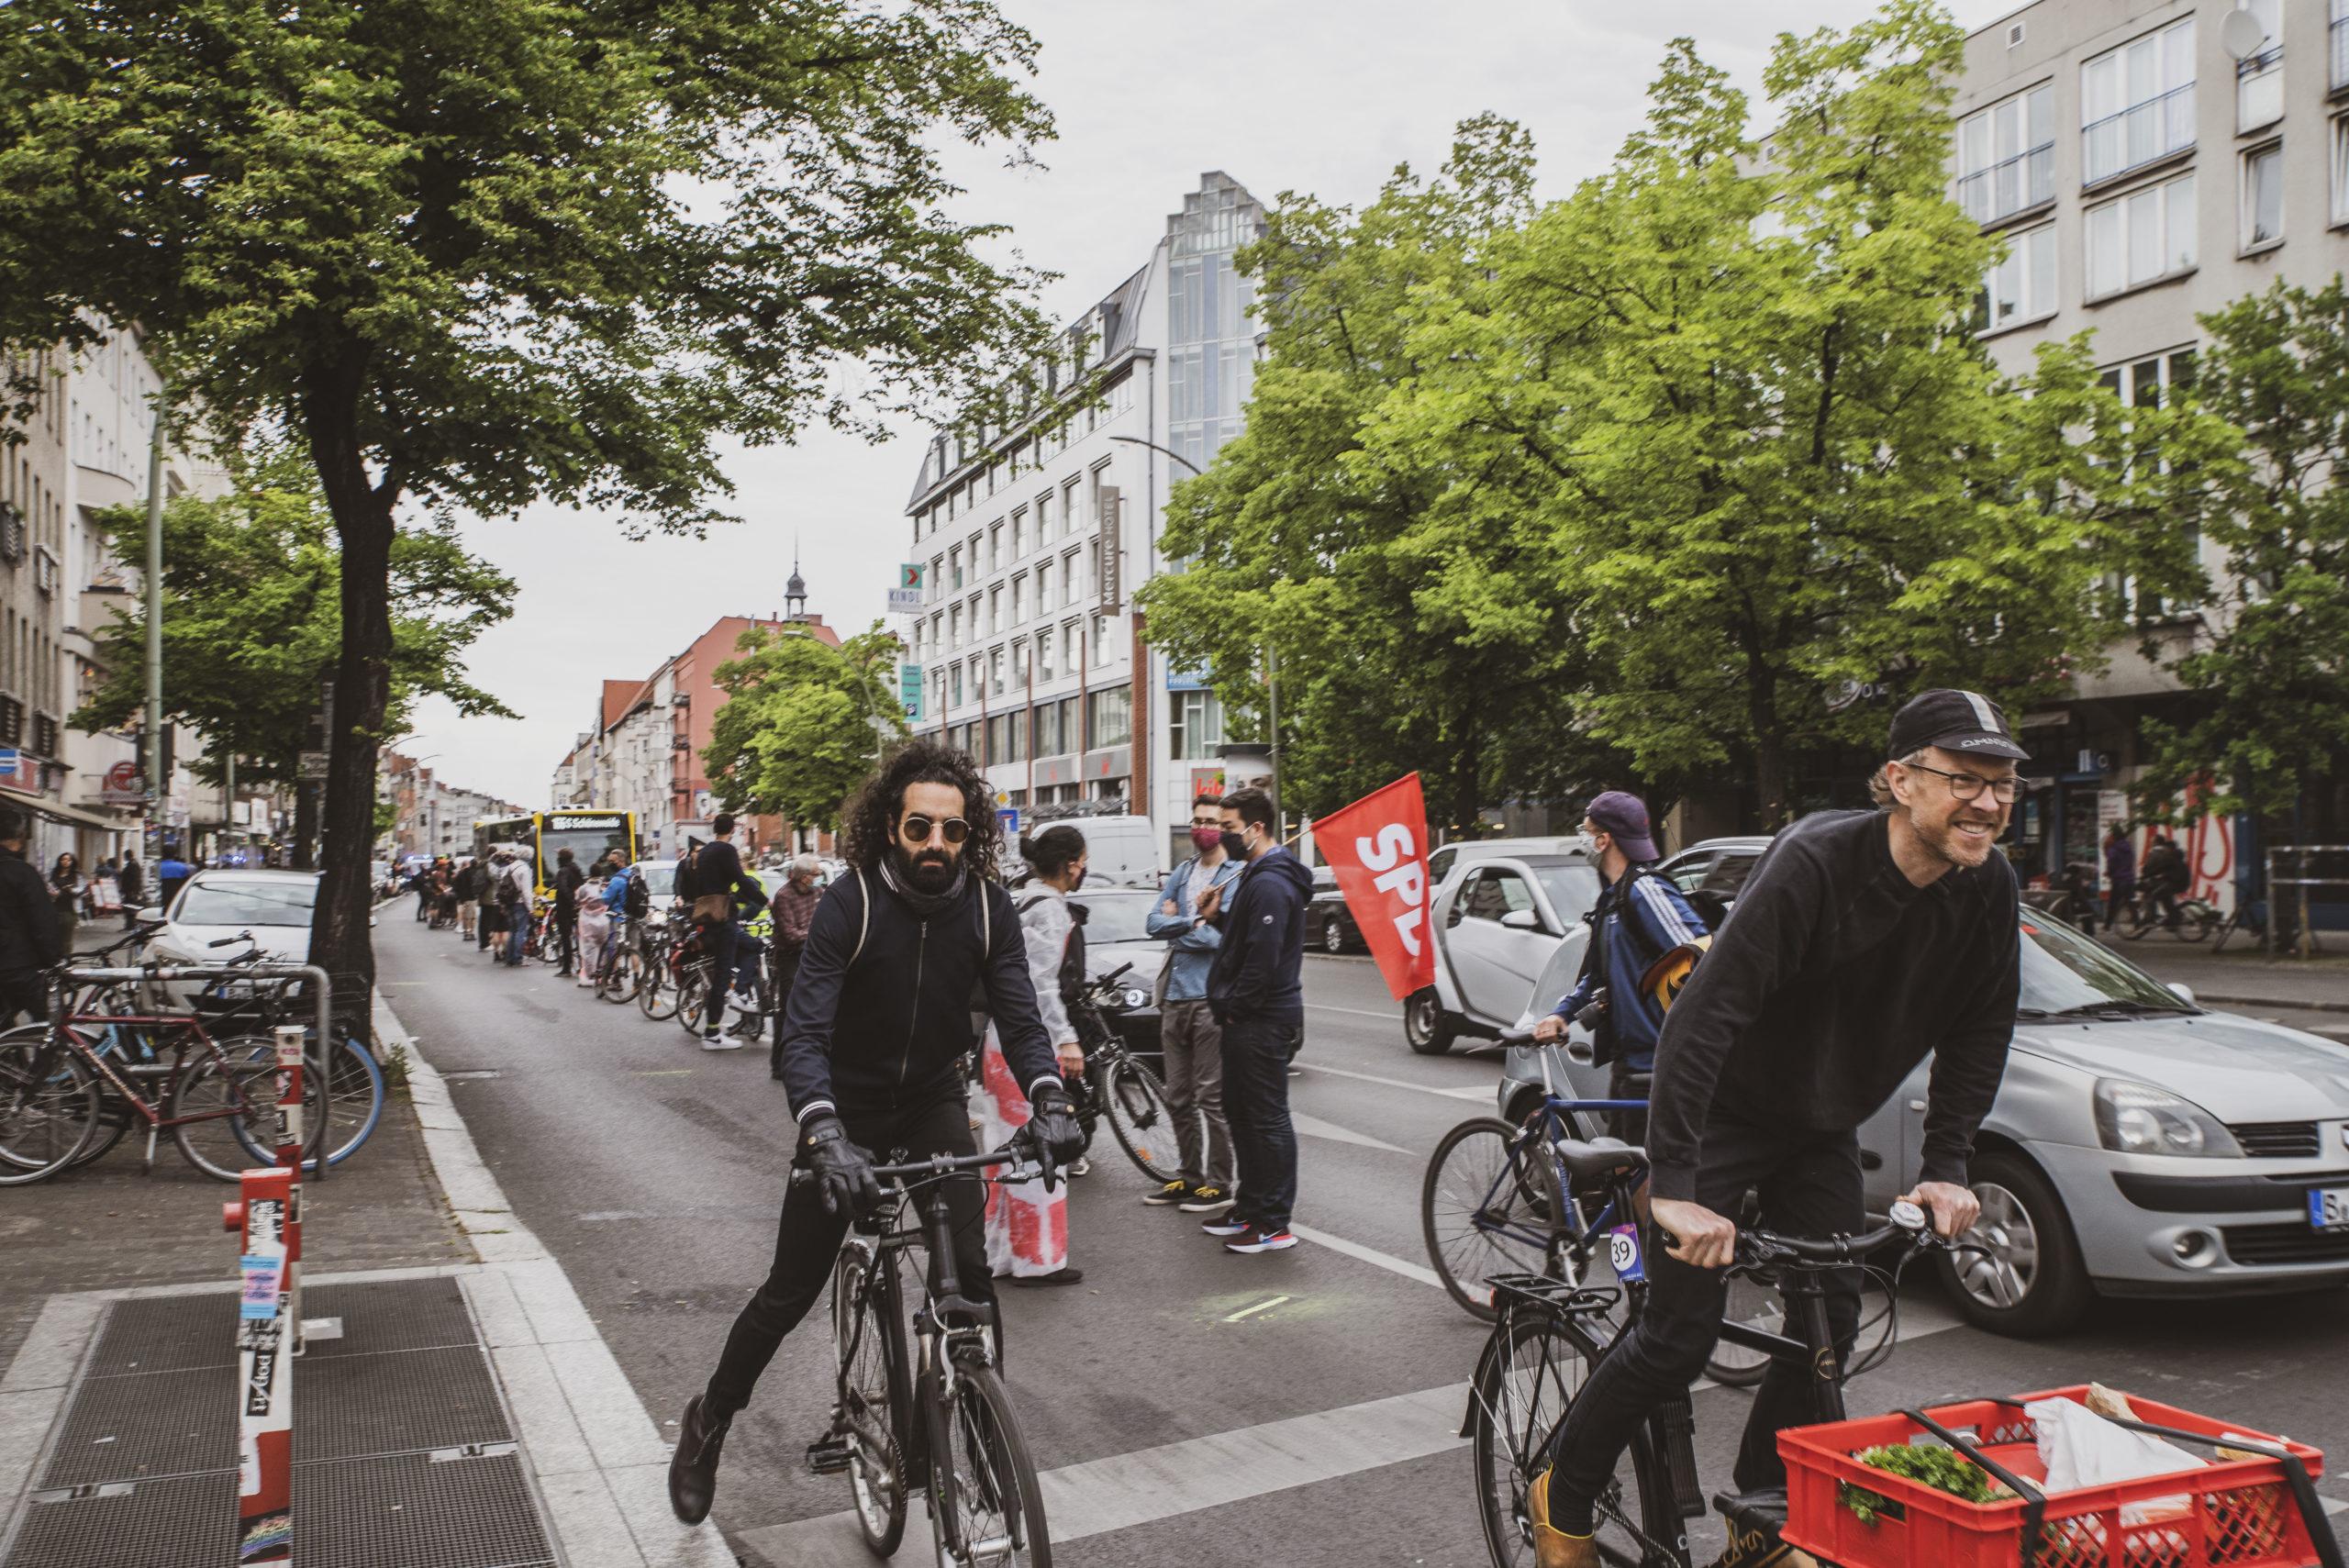 Straße mit Fahrrädern, Autos und einem Bus